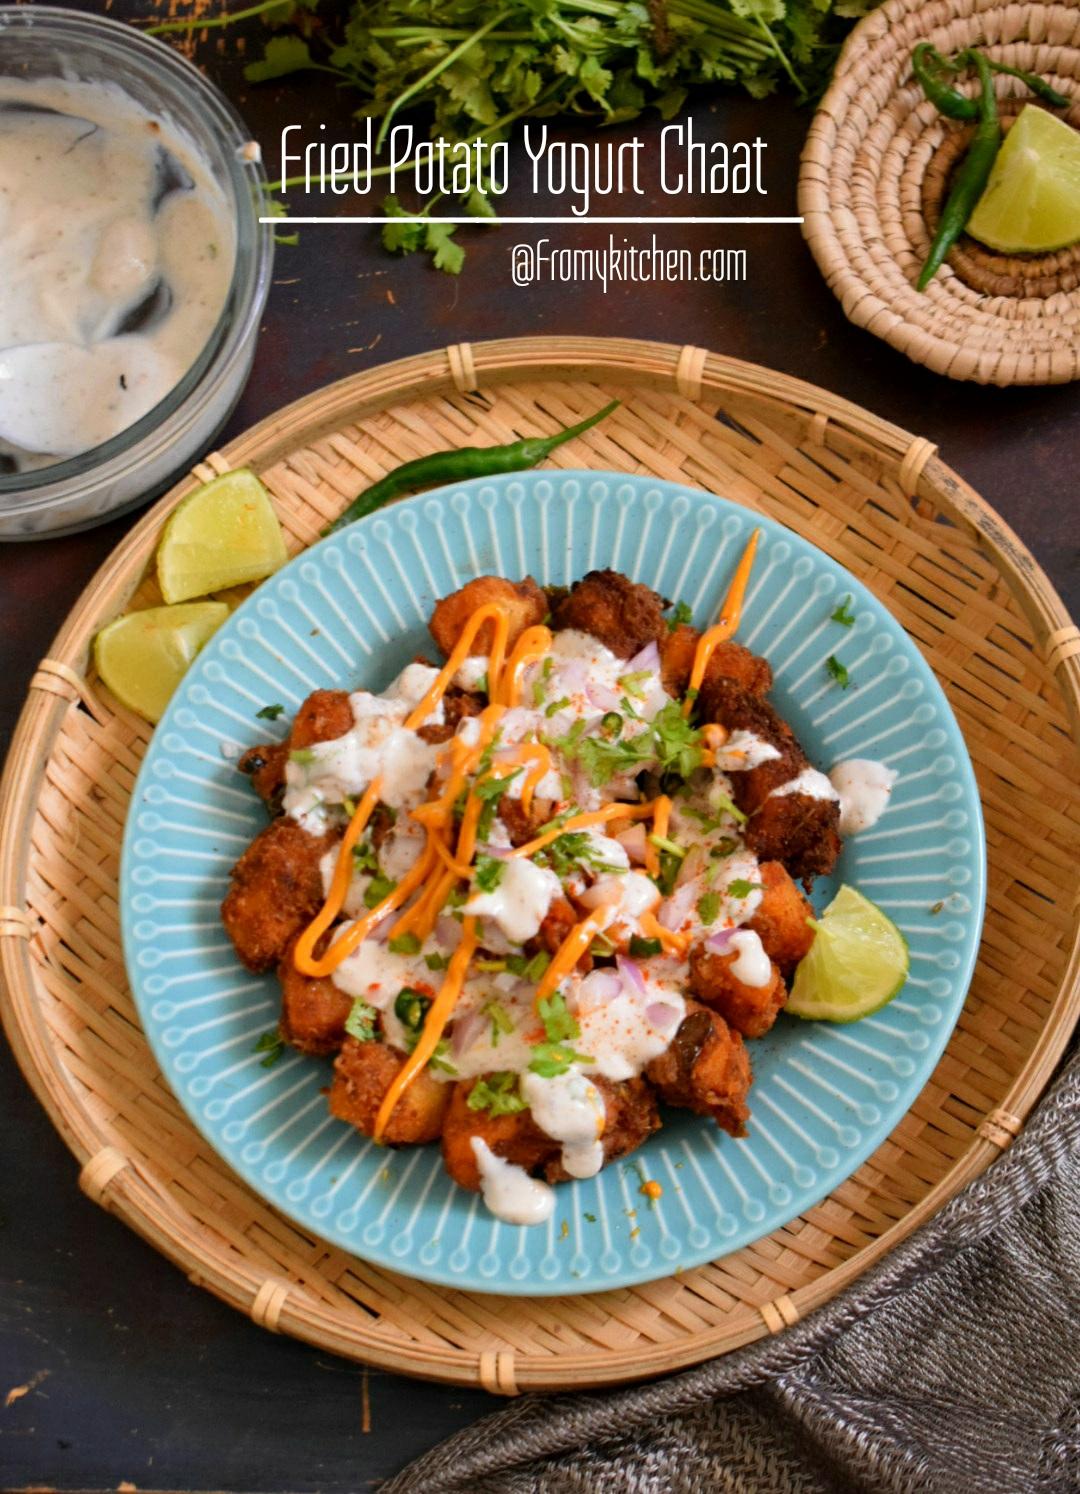 Fried Potato Yogurt Chaat